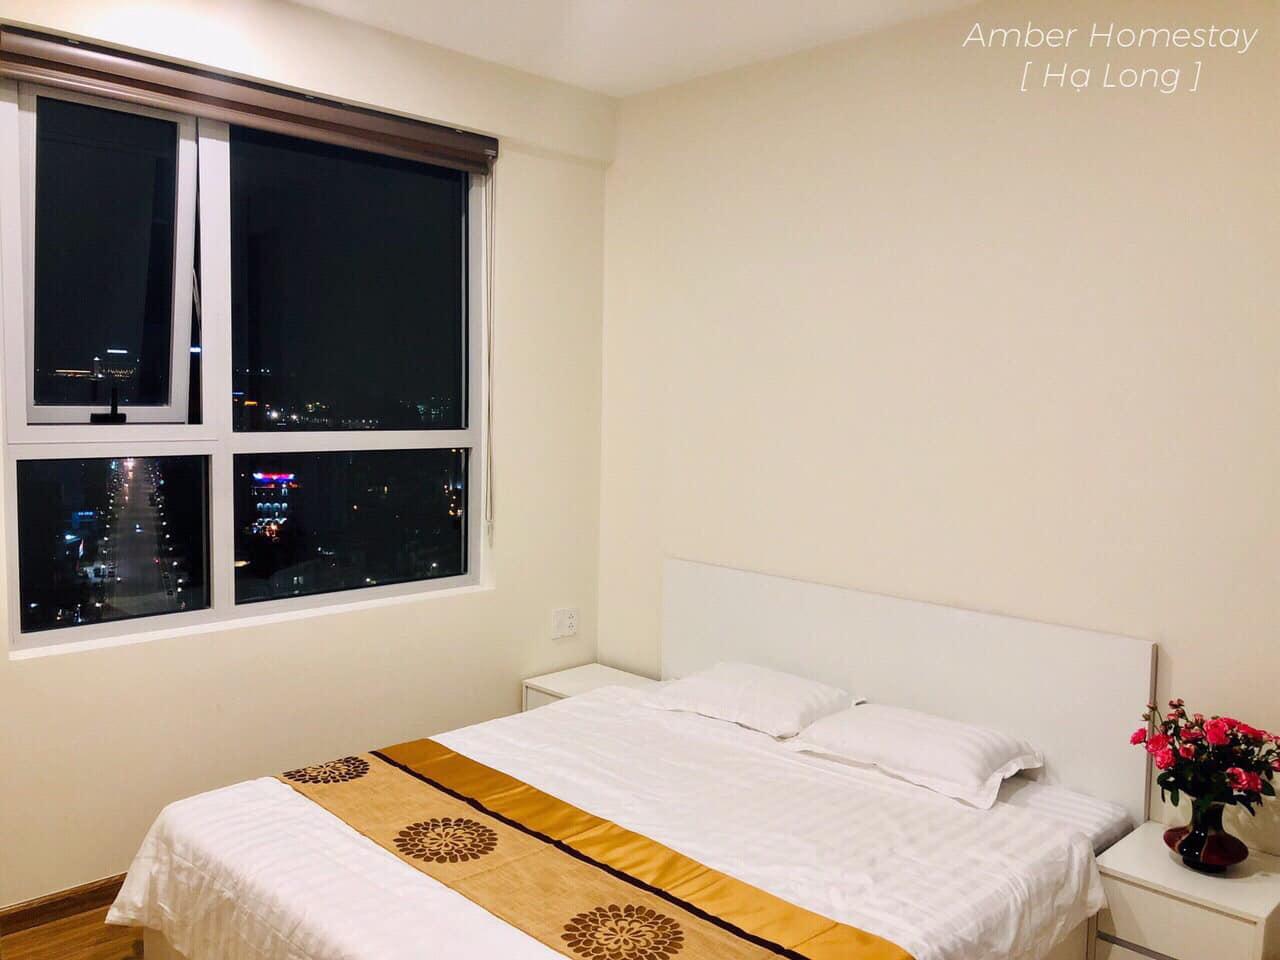 Phòng ngủ thứ 1 của amber homestay